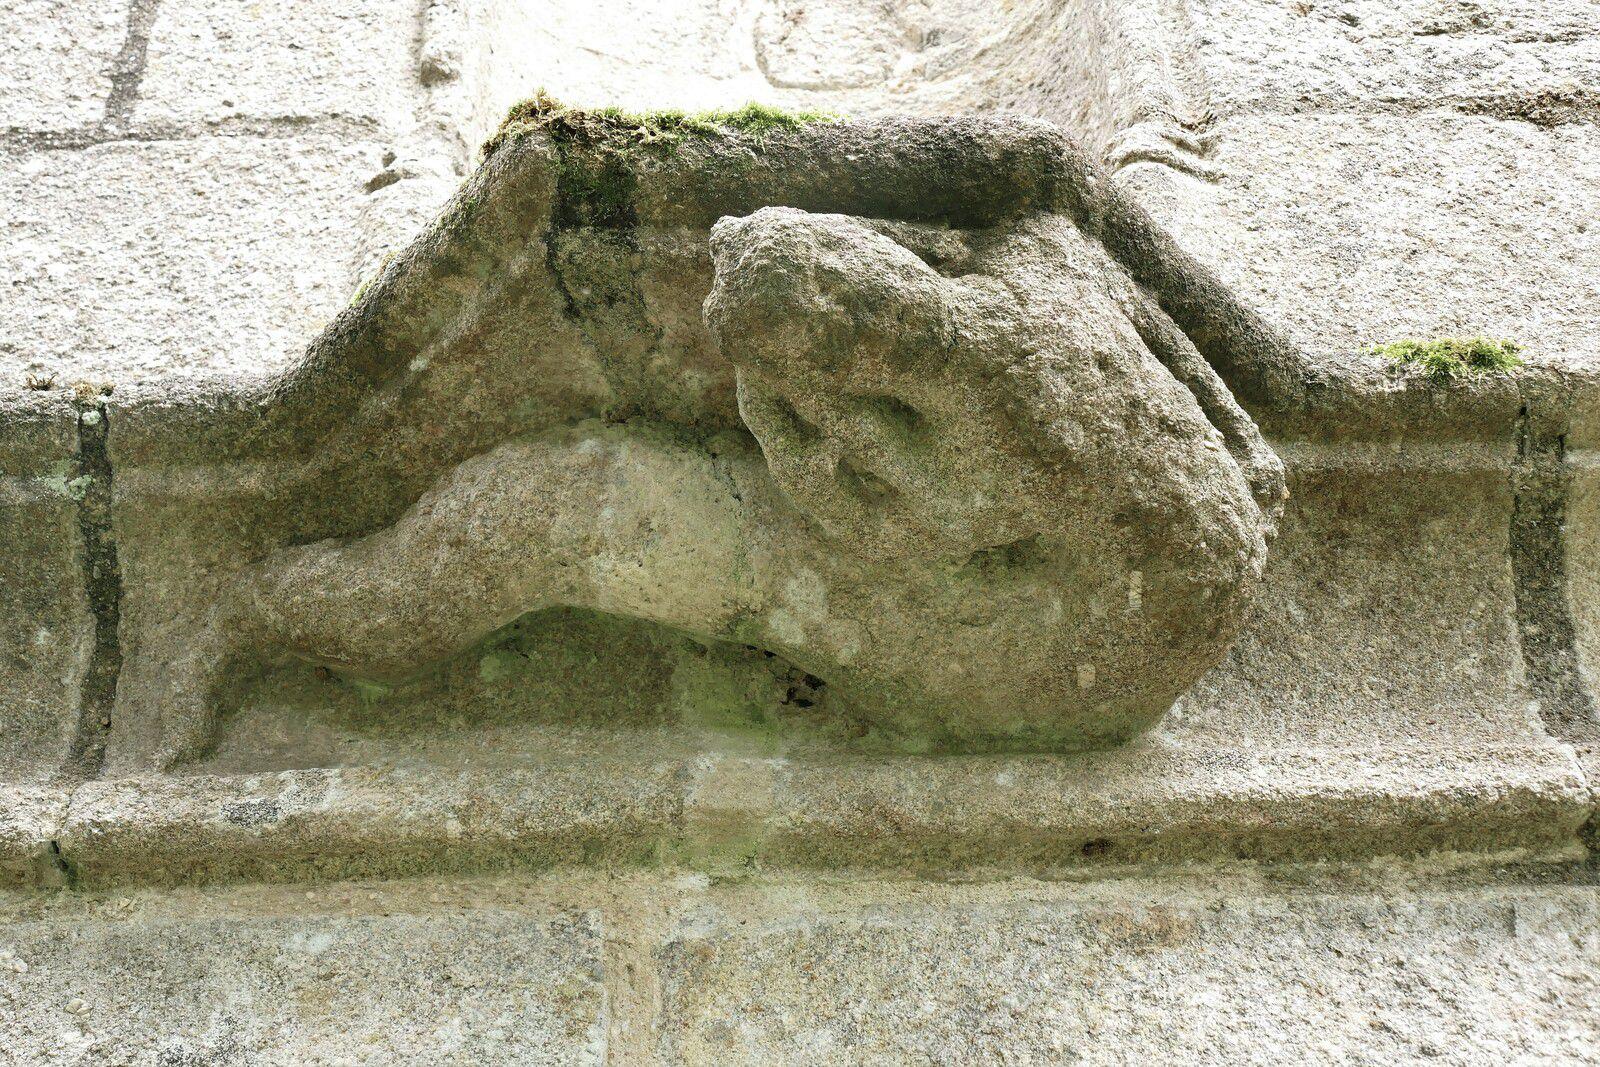 Femme-serpent de Saint-Herbot, porche ouest. Photographie lavieb-aile 4 août 2021.